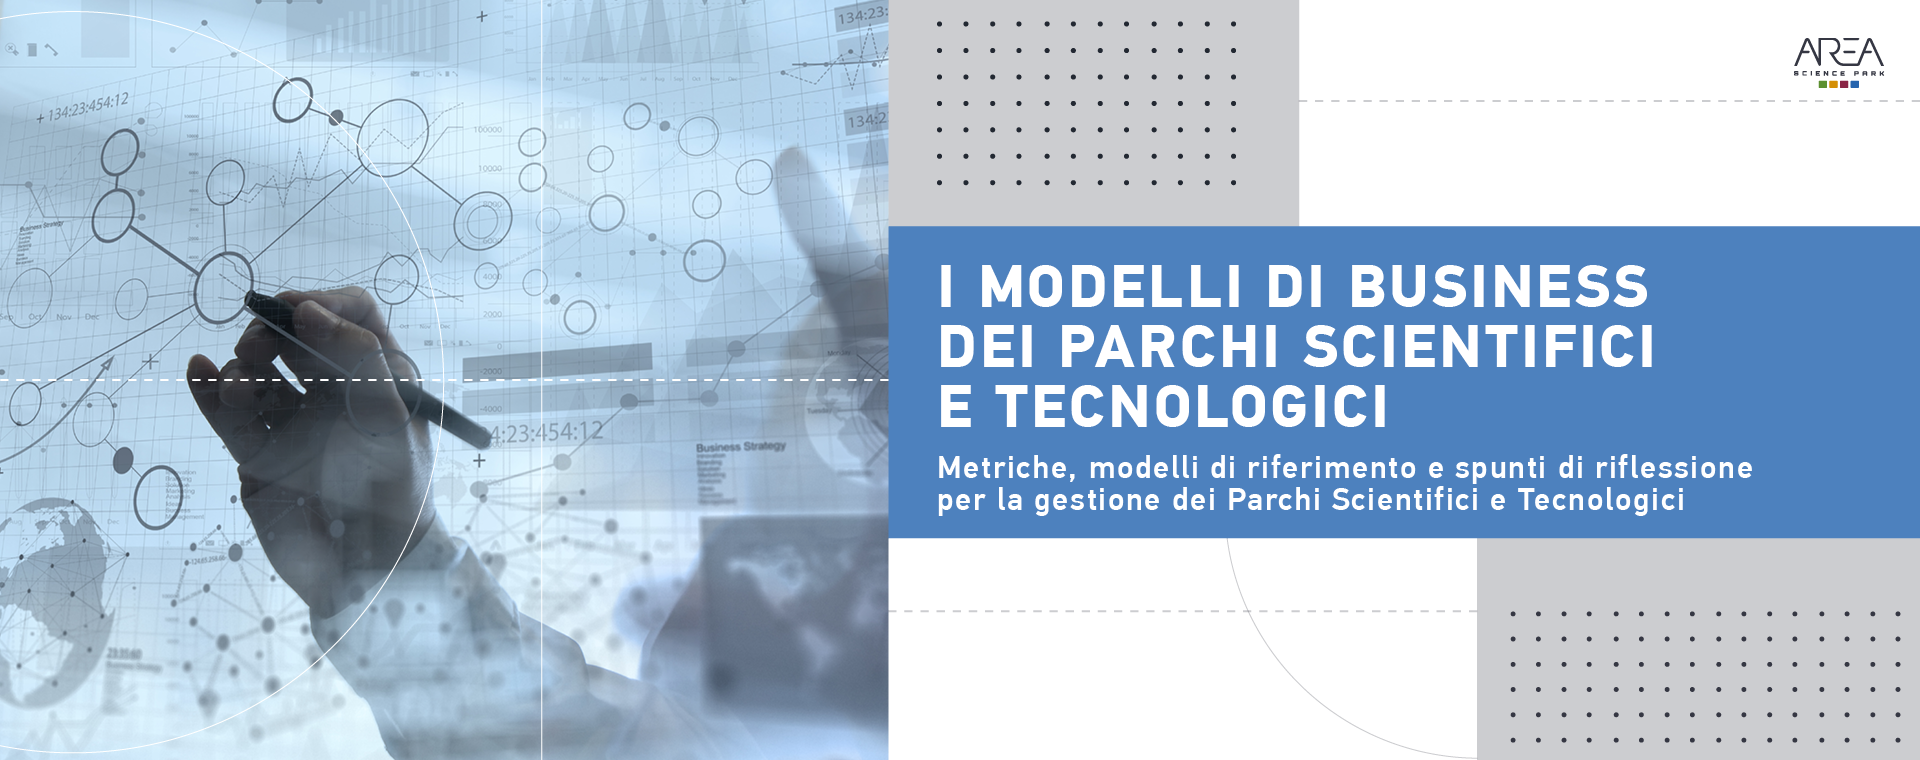 I modelli di business dei Parchi Scientifici e Tecnologici